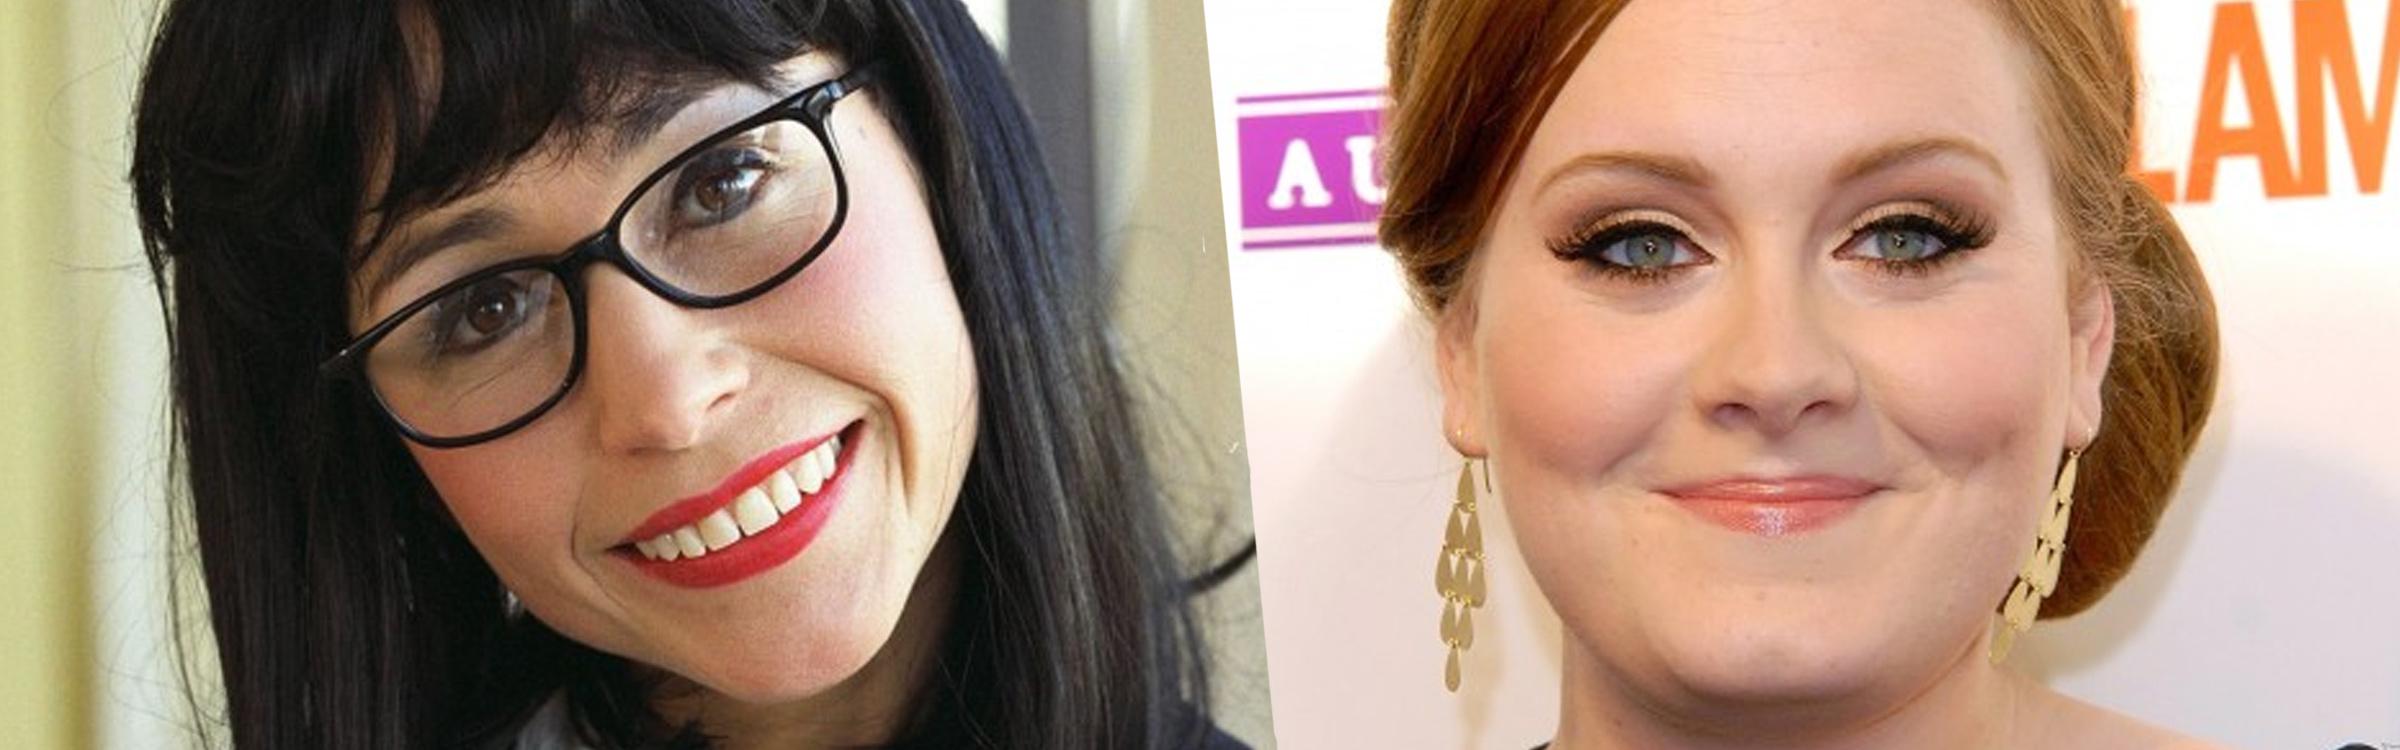 Adele ushi header